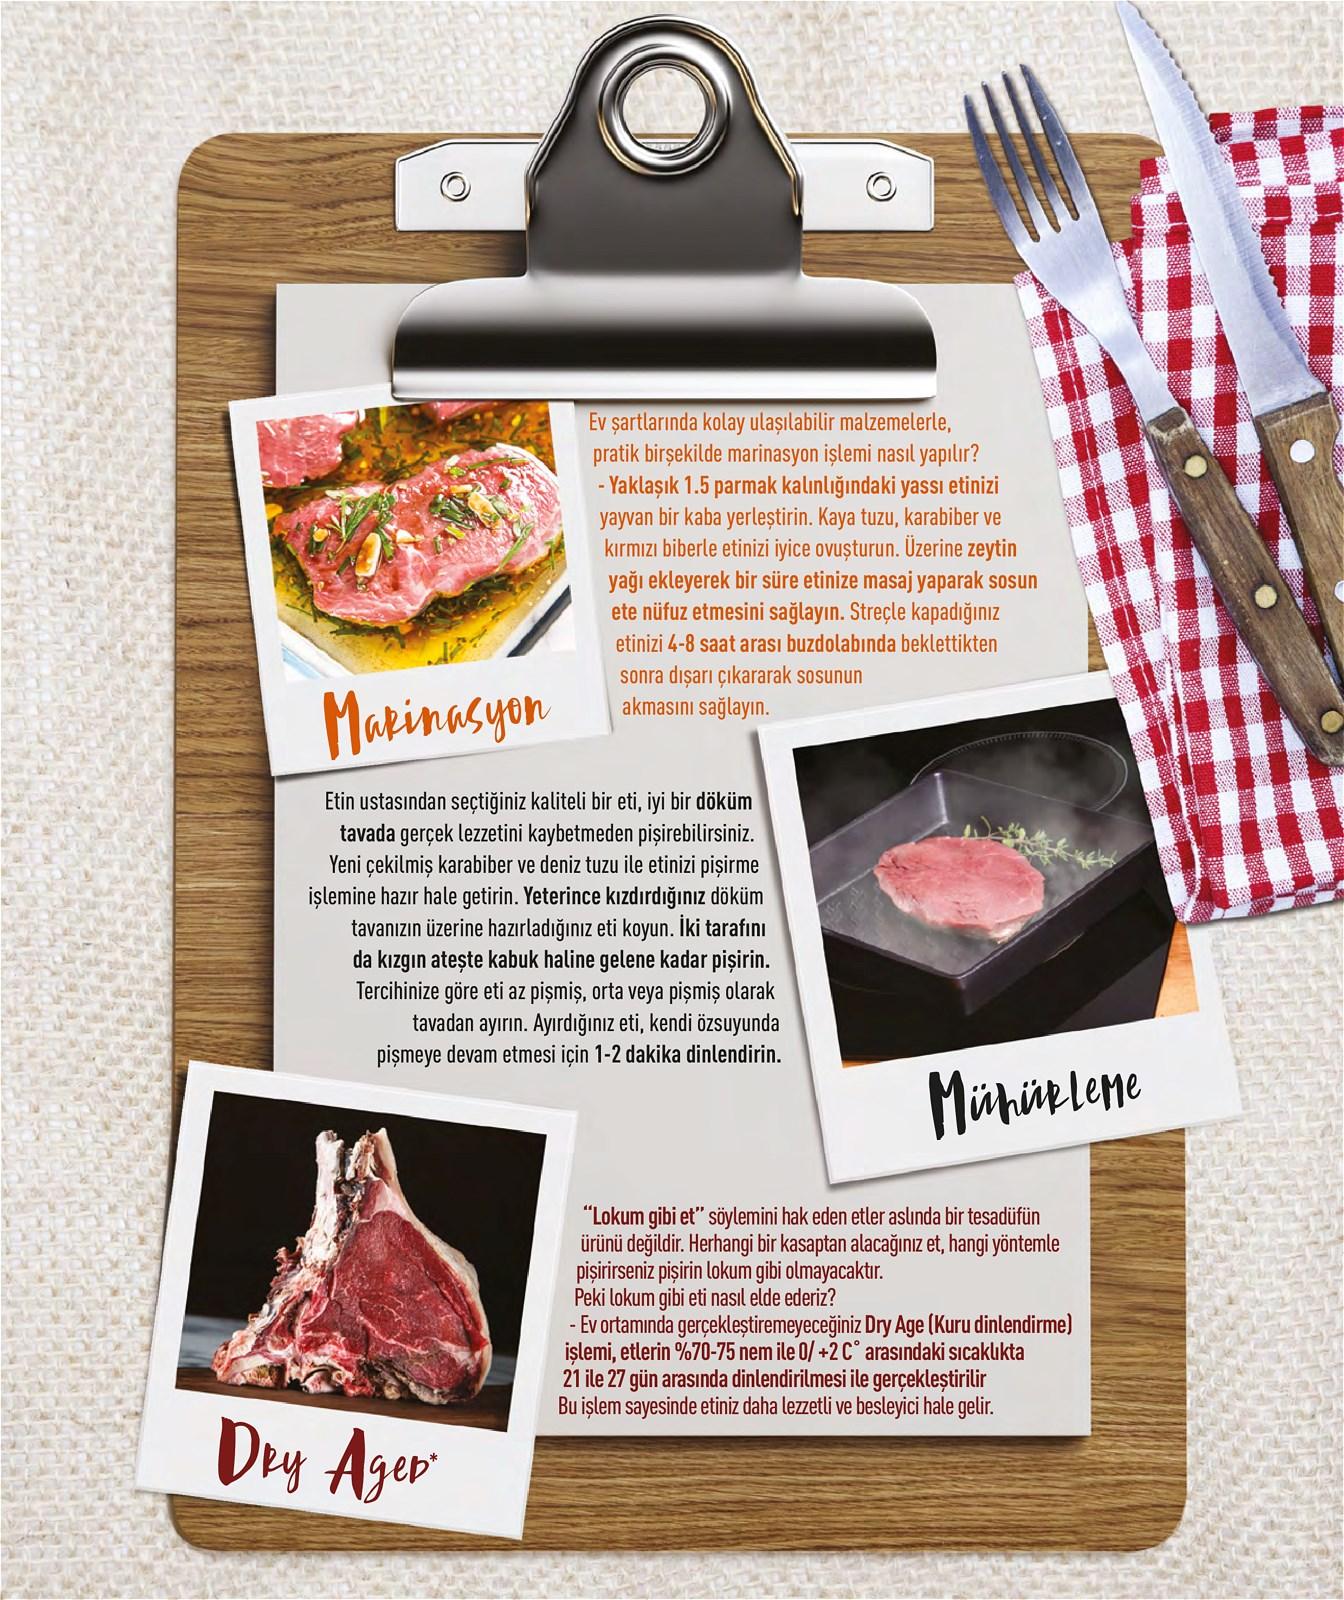 13.01.2021 CarrefourSA broşürü 12. sayfa